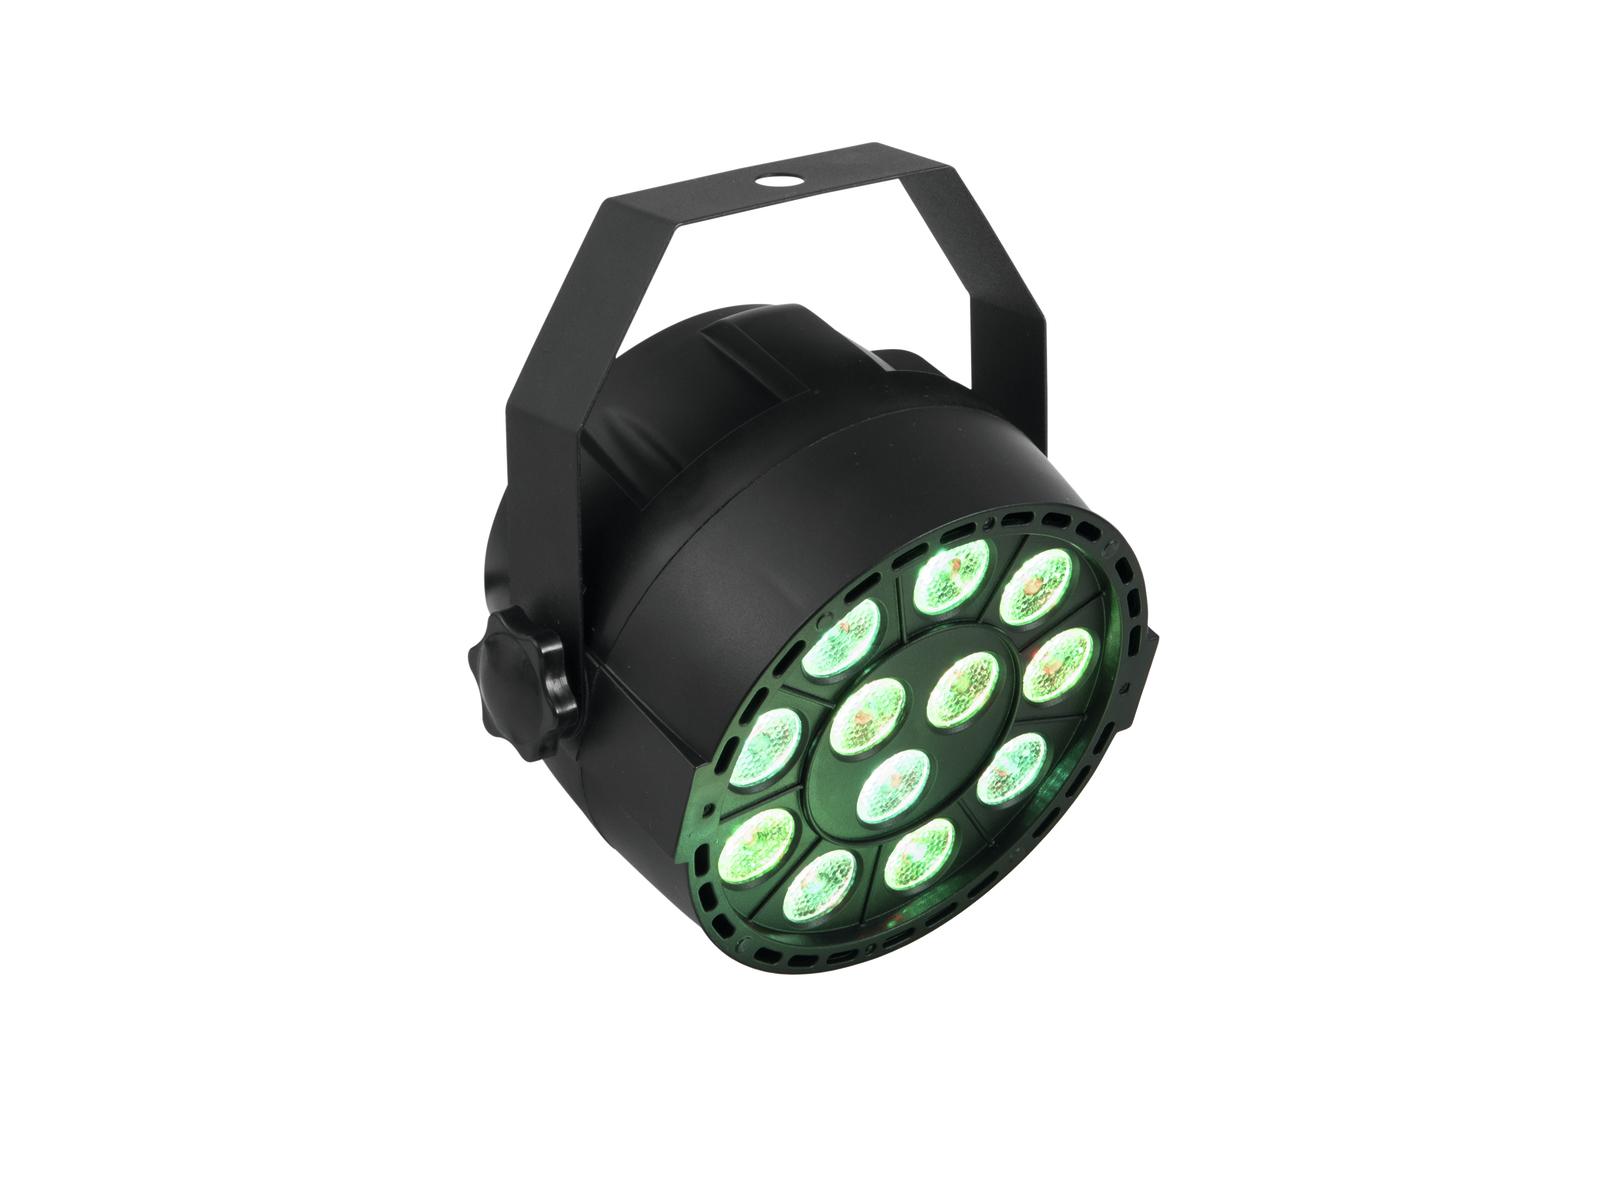 Eurolite LED PARty TCL Spot, 12x 3W TCL DMX